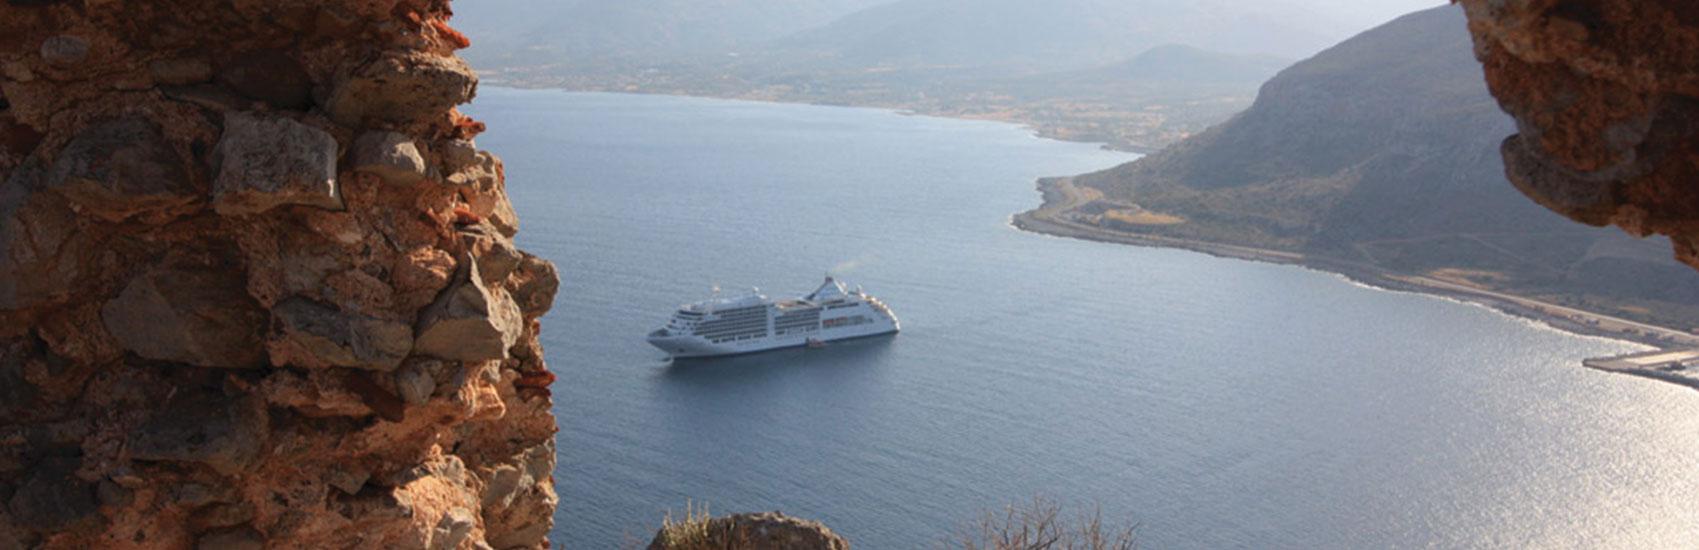 Économies en prime et vol gratuit à destination de la Méditerranée avec Silversea Cruises 3